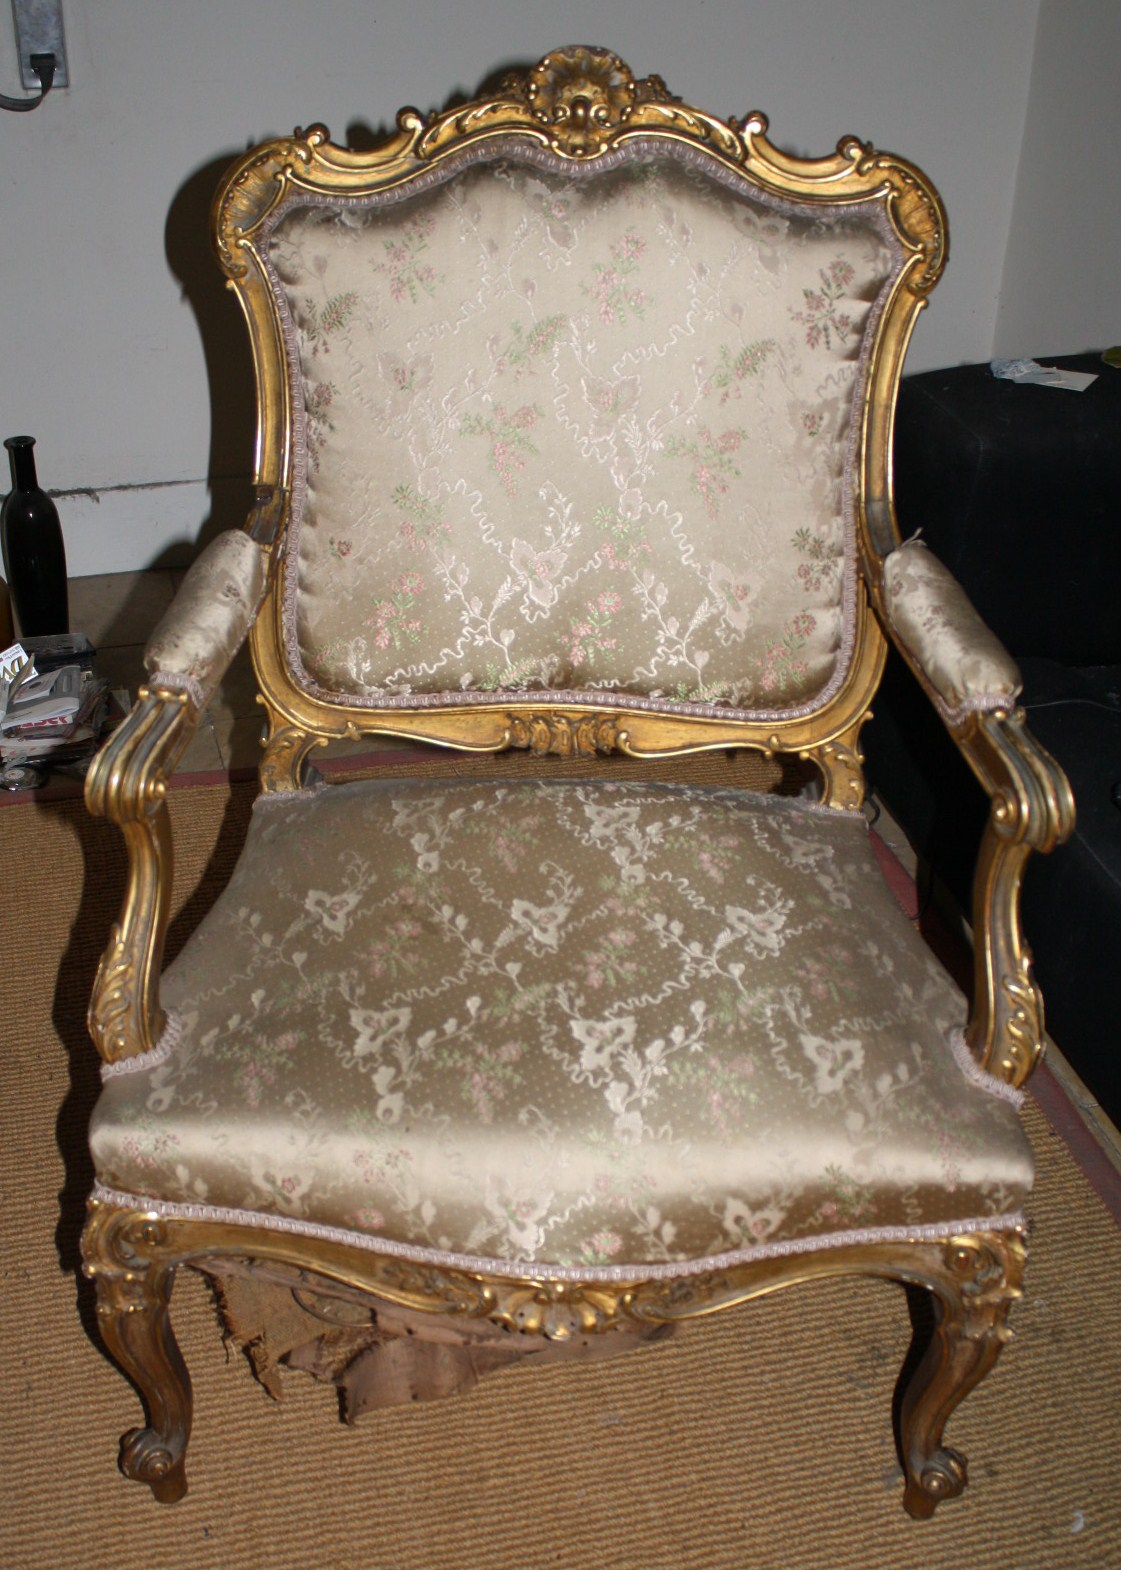 Restaurata restauraci n de dorados un saloncito luis xv - Restauracion de sillas ...